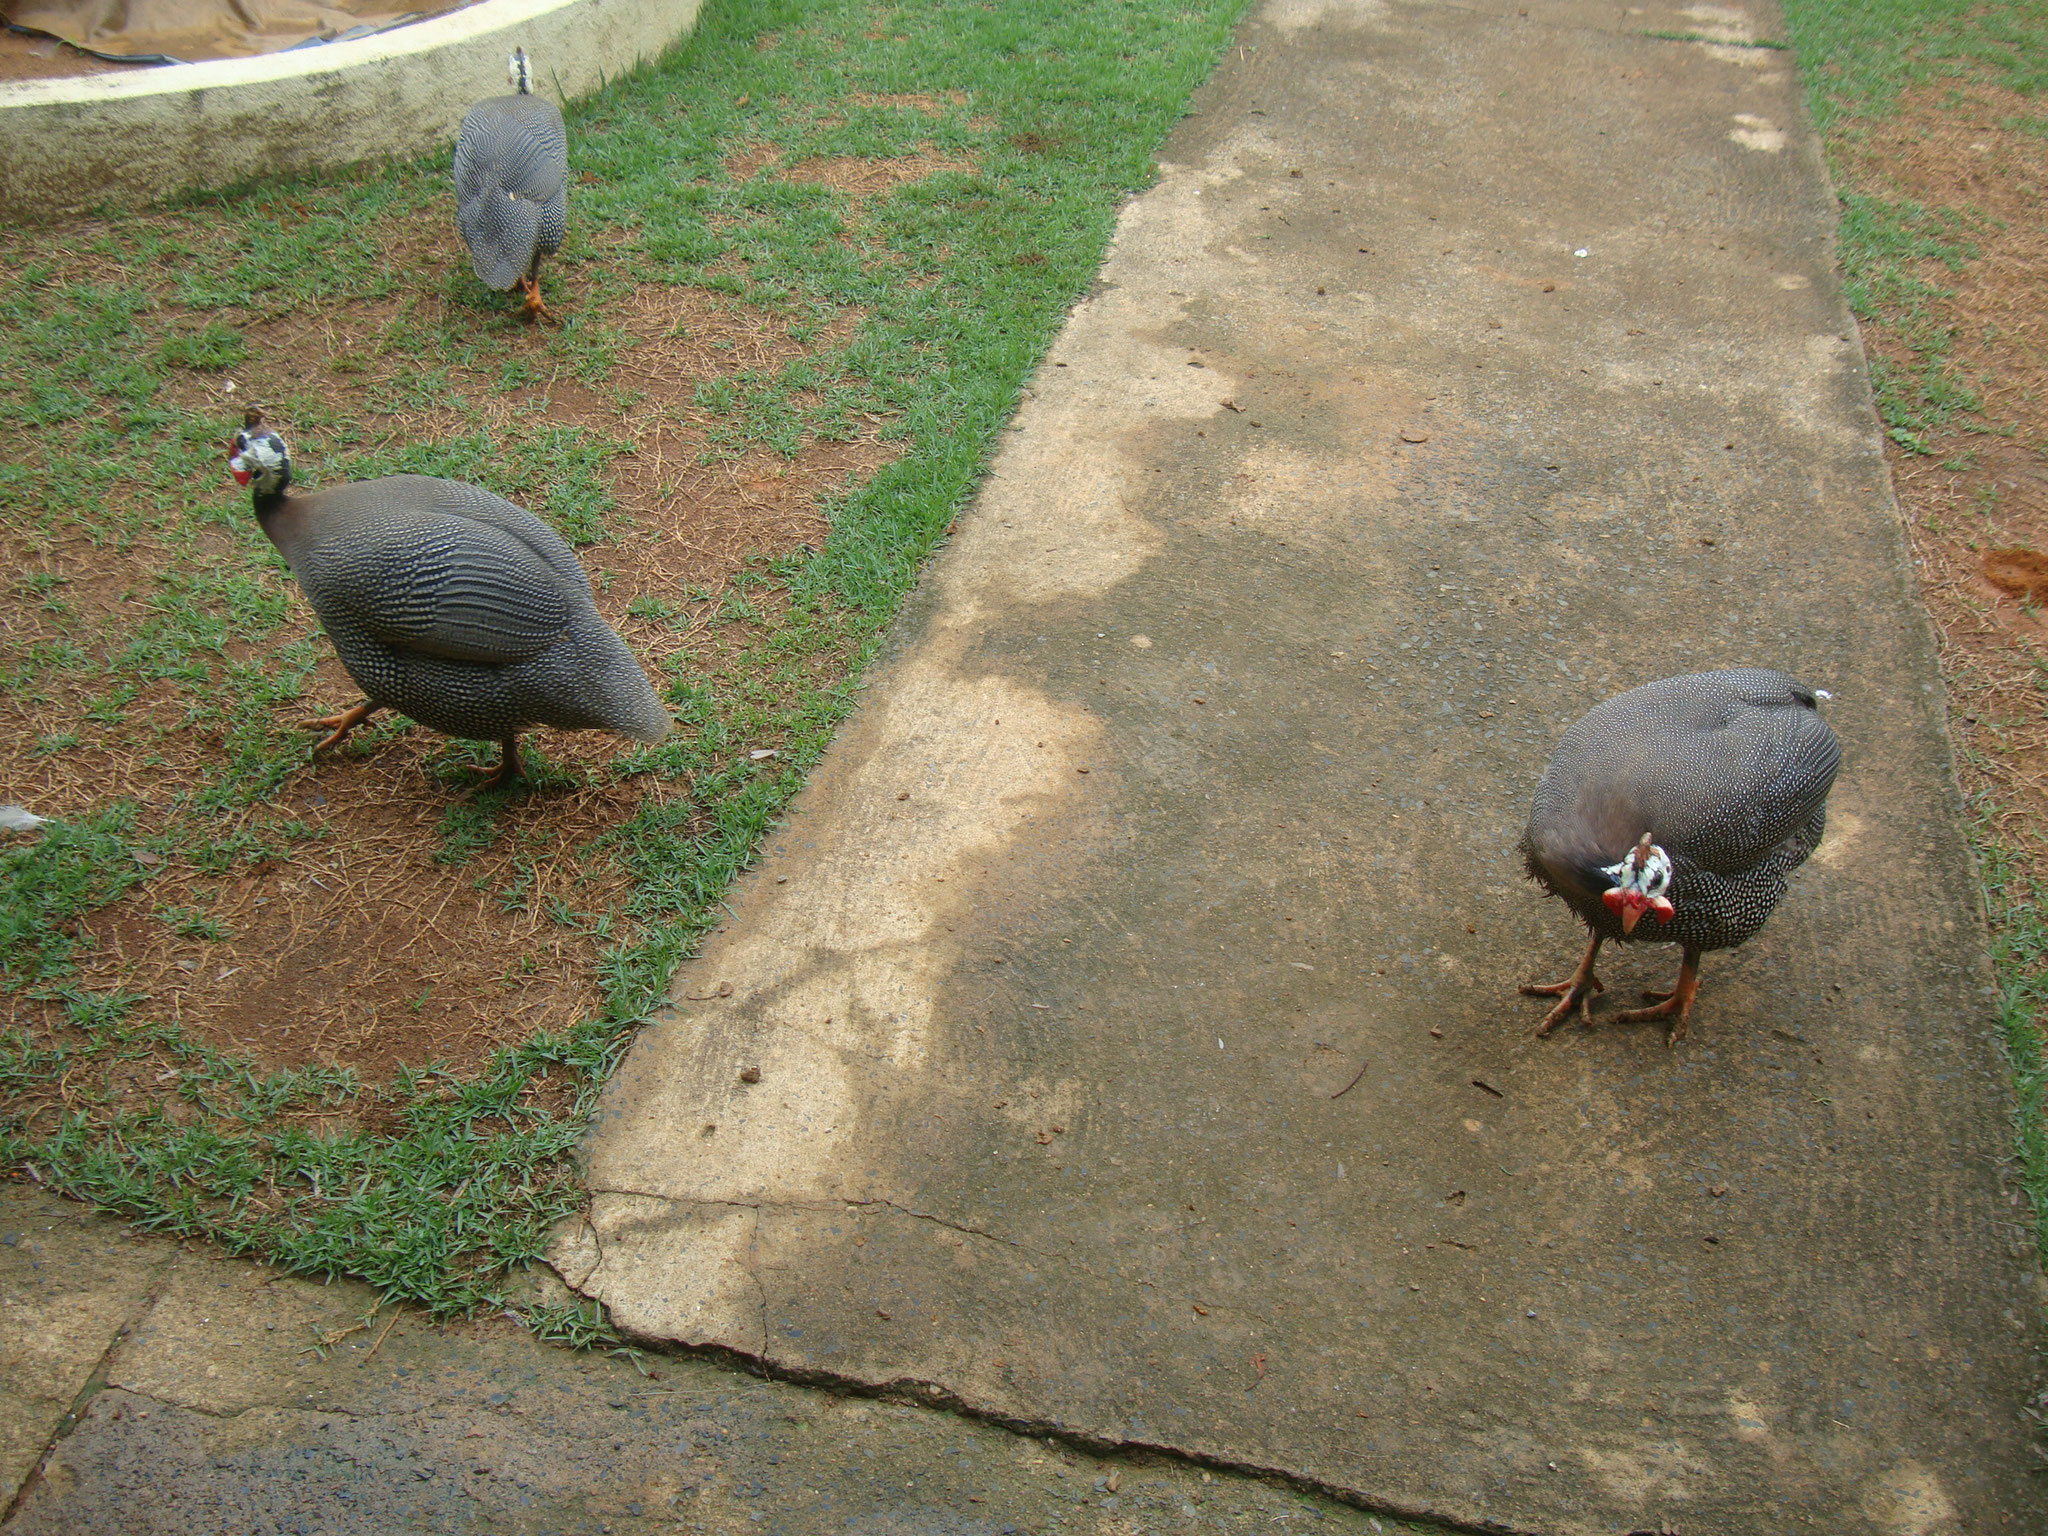 ホロホロ鳥も飼っていますが、様々な動物に狙われ食べられてしまうことも多く。。。